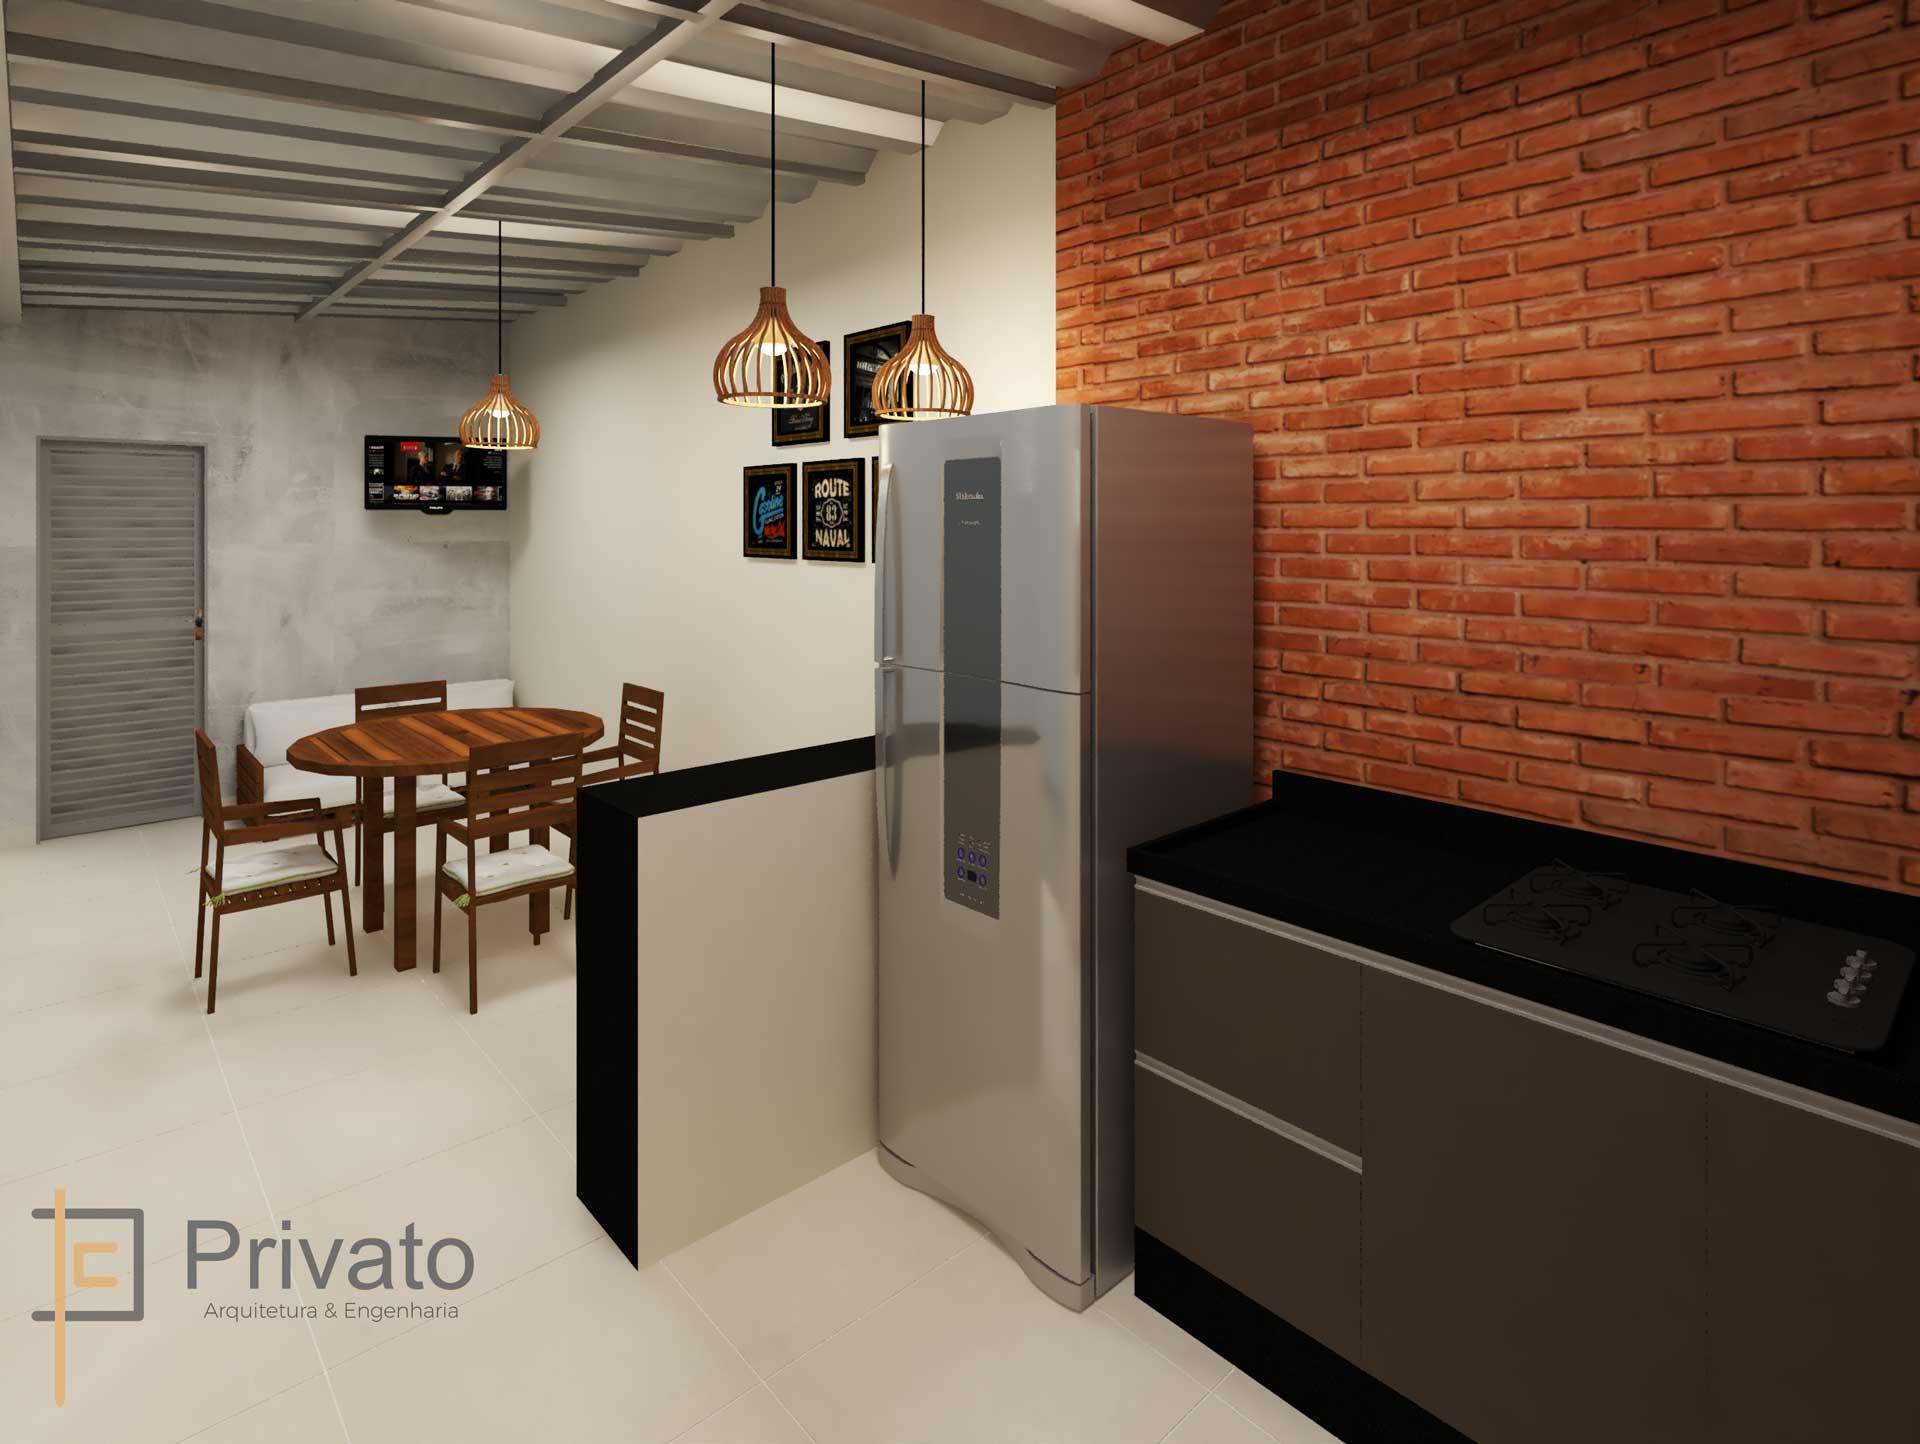 Area interna com churrasqueira em modelagem 3d